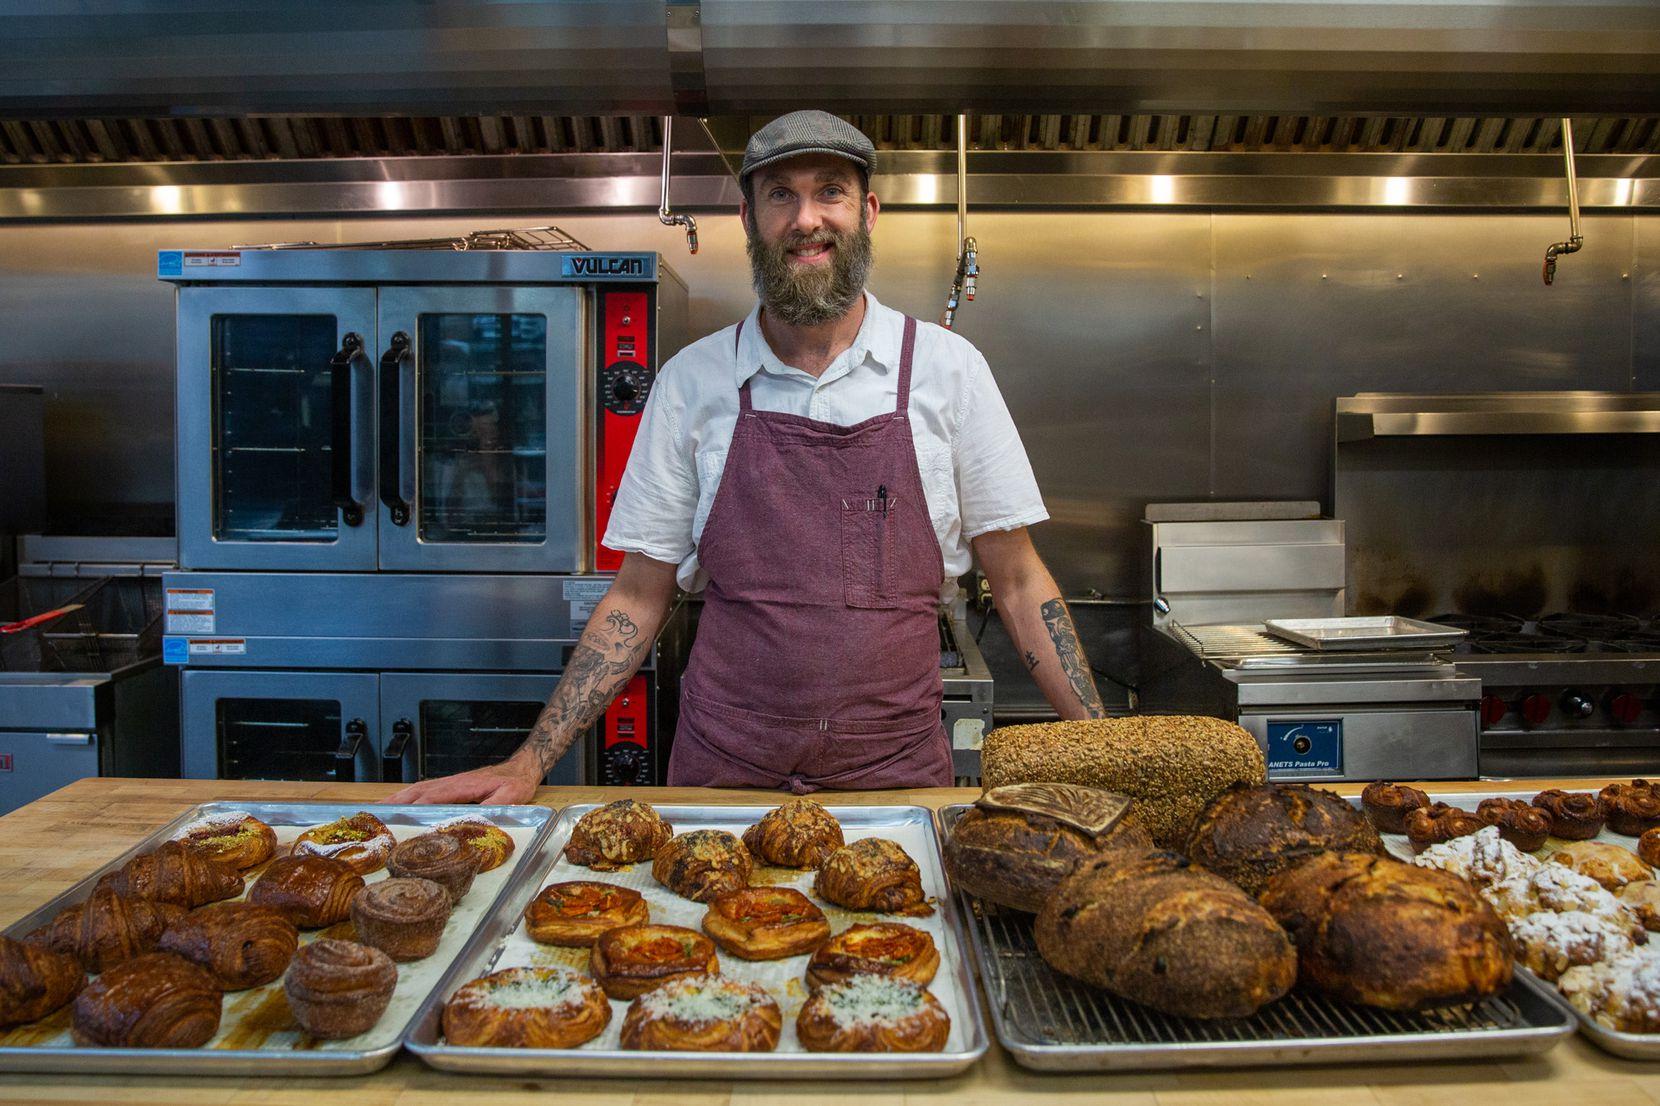 Matt Bresnan runs Bresnan Bread and Pastry with wife Jenna.